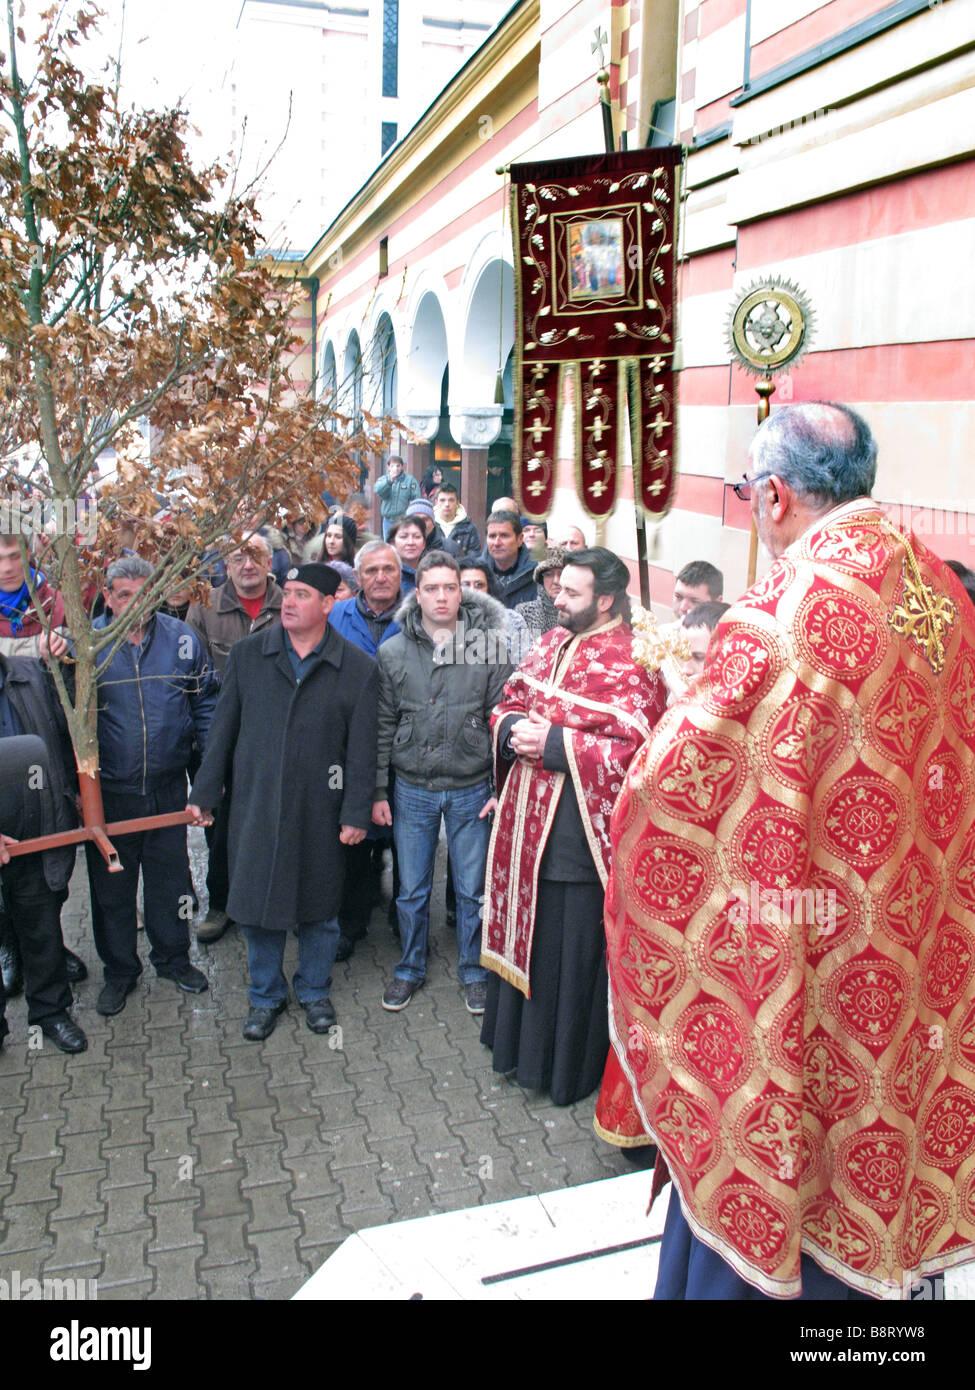 Orthodoxe Weihnachten.Orthodoxe Weihnachten Segen Badnjak Weihnachtsbaum